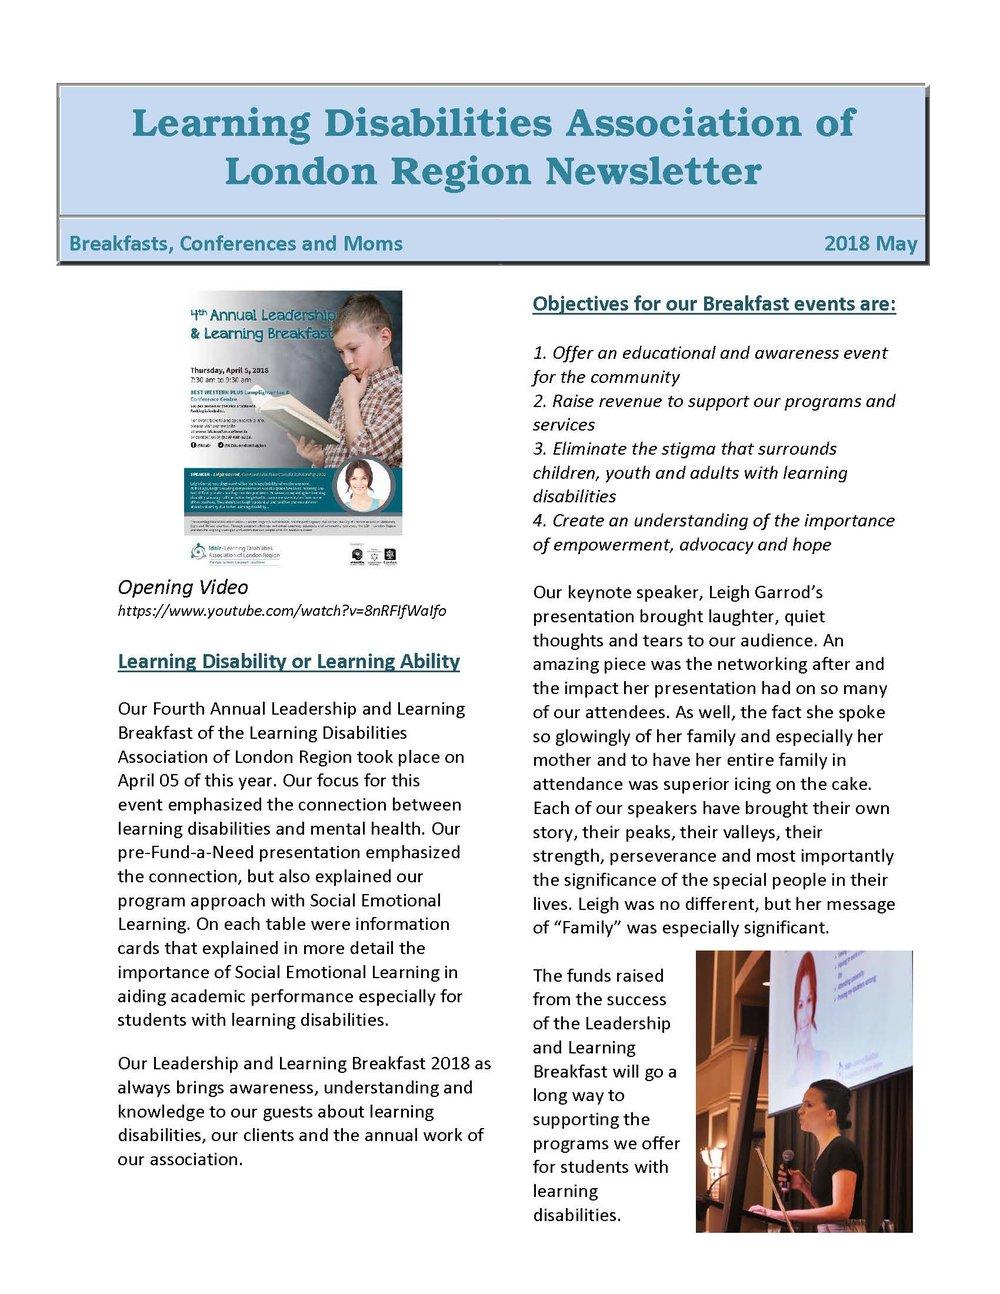 newslettermay2018lda_Page_1.jpg